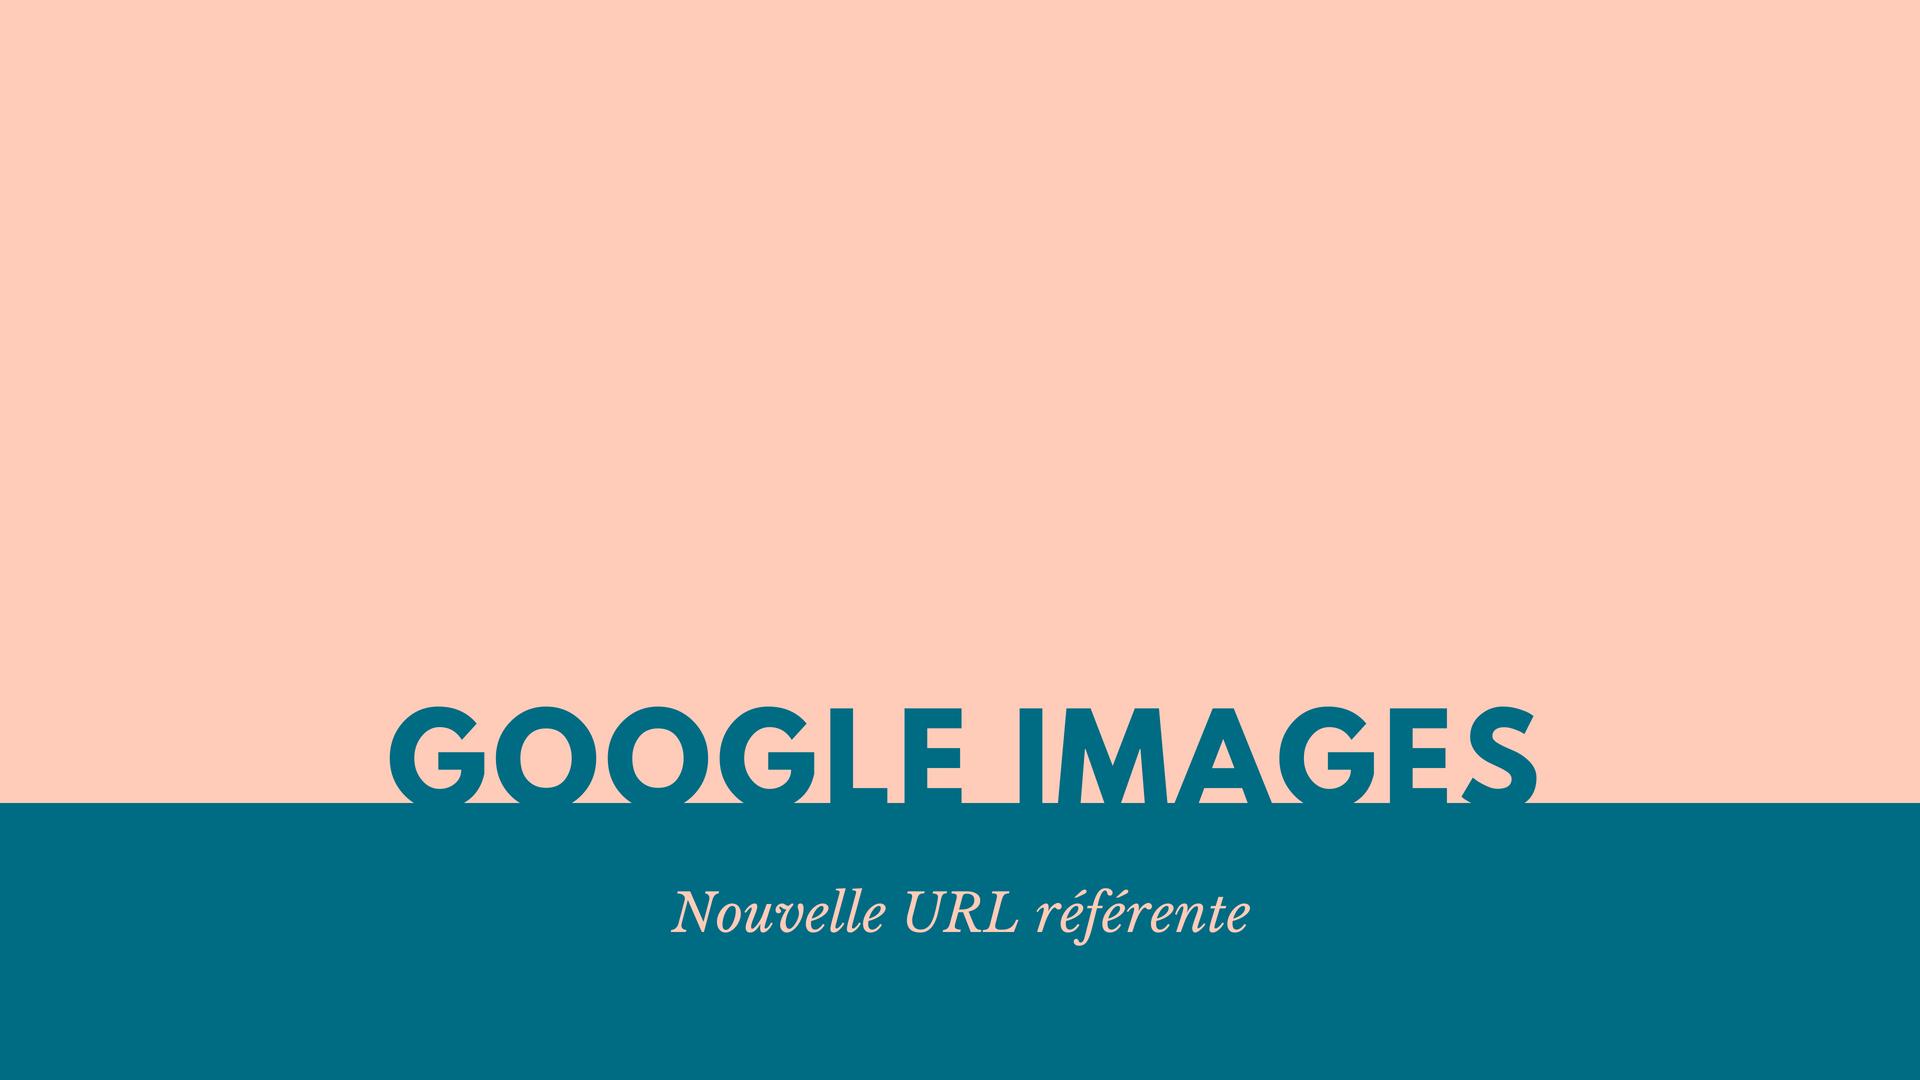 Google Images : nouvelle URL référente